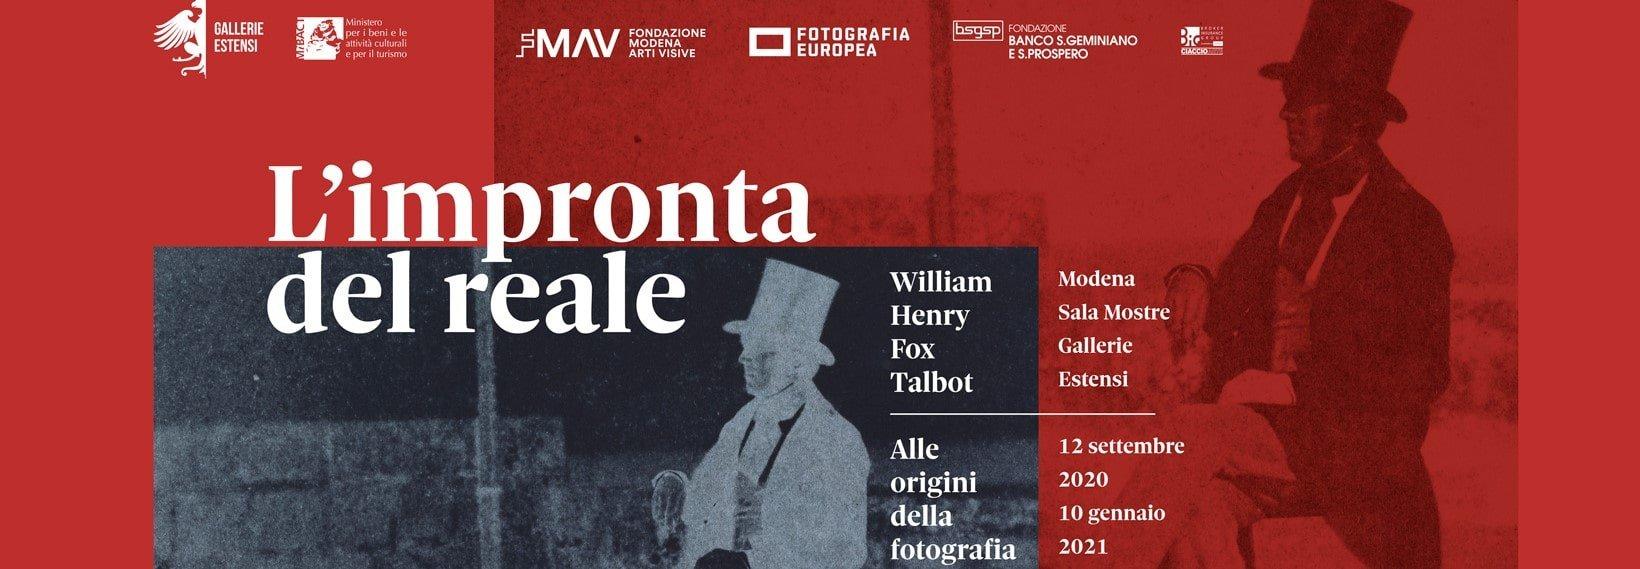 L'impronta del reale Modena